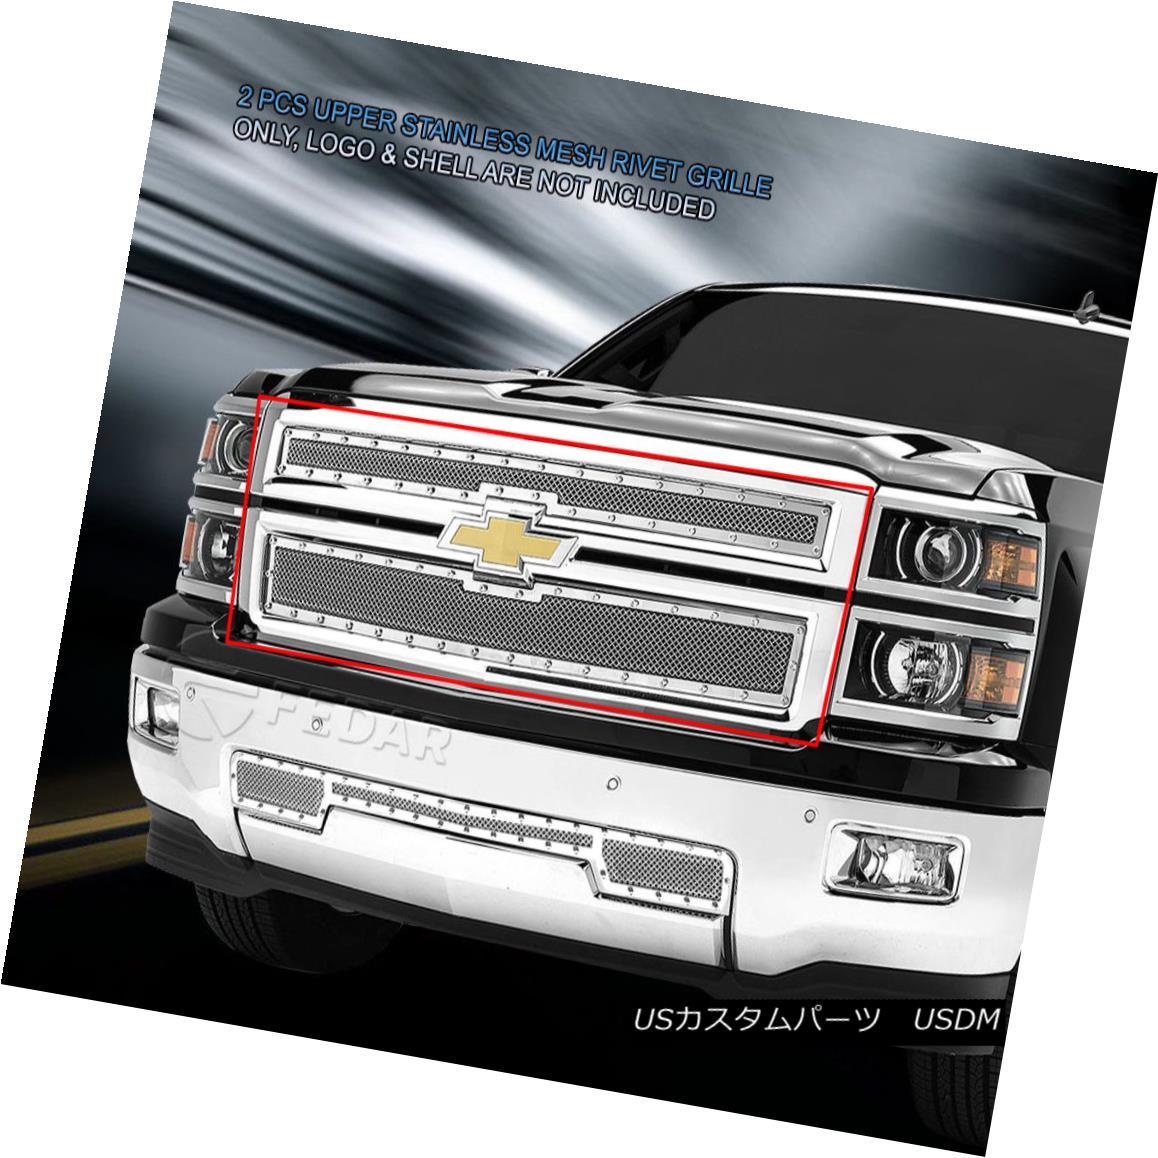 グリル Fedar Fits 14-15 Chevy Silverado 1500 Chrome Upper Rivet Formed Mesh Grille Fedar 14-15 Chevy Silverado 1500 Chrome上部リベットメッシュグリルに適合